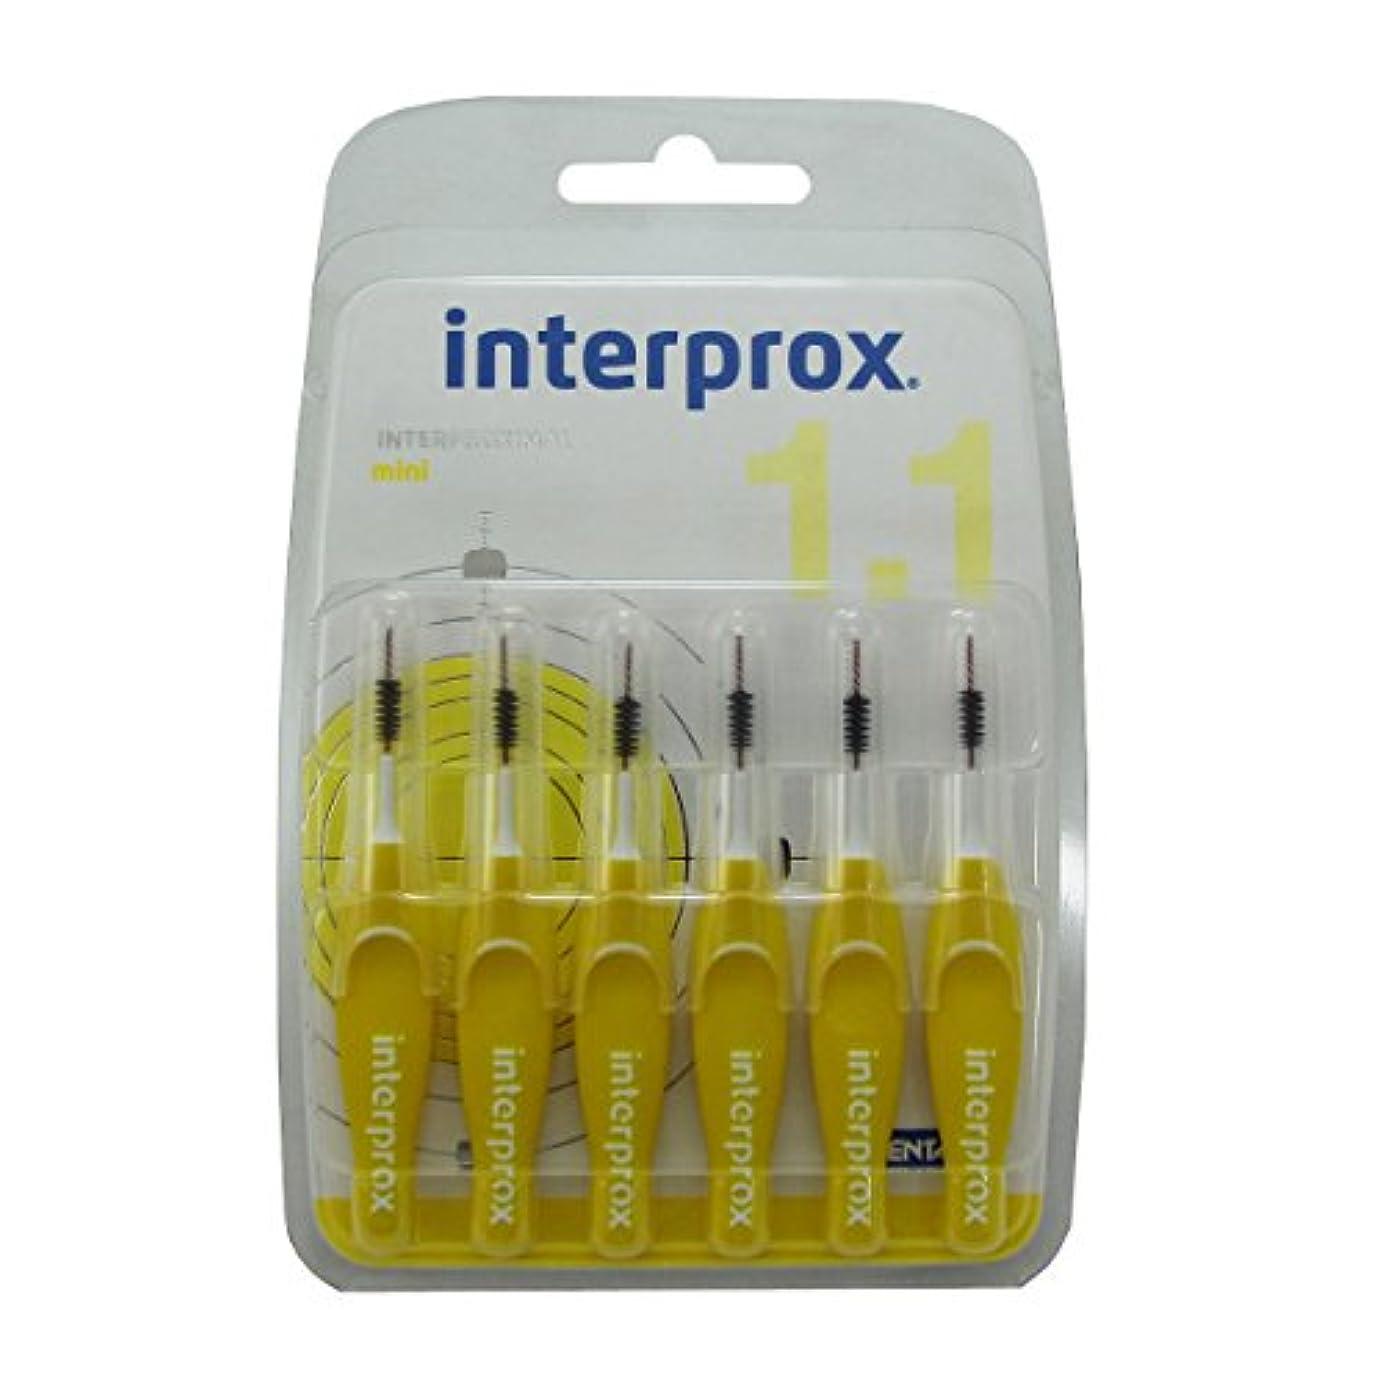 期限困惑した少年Interprox Mini Flexible Brush 1.1 X6 [並行輸入品]